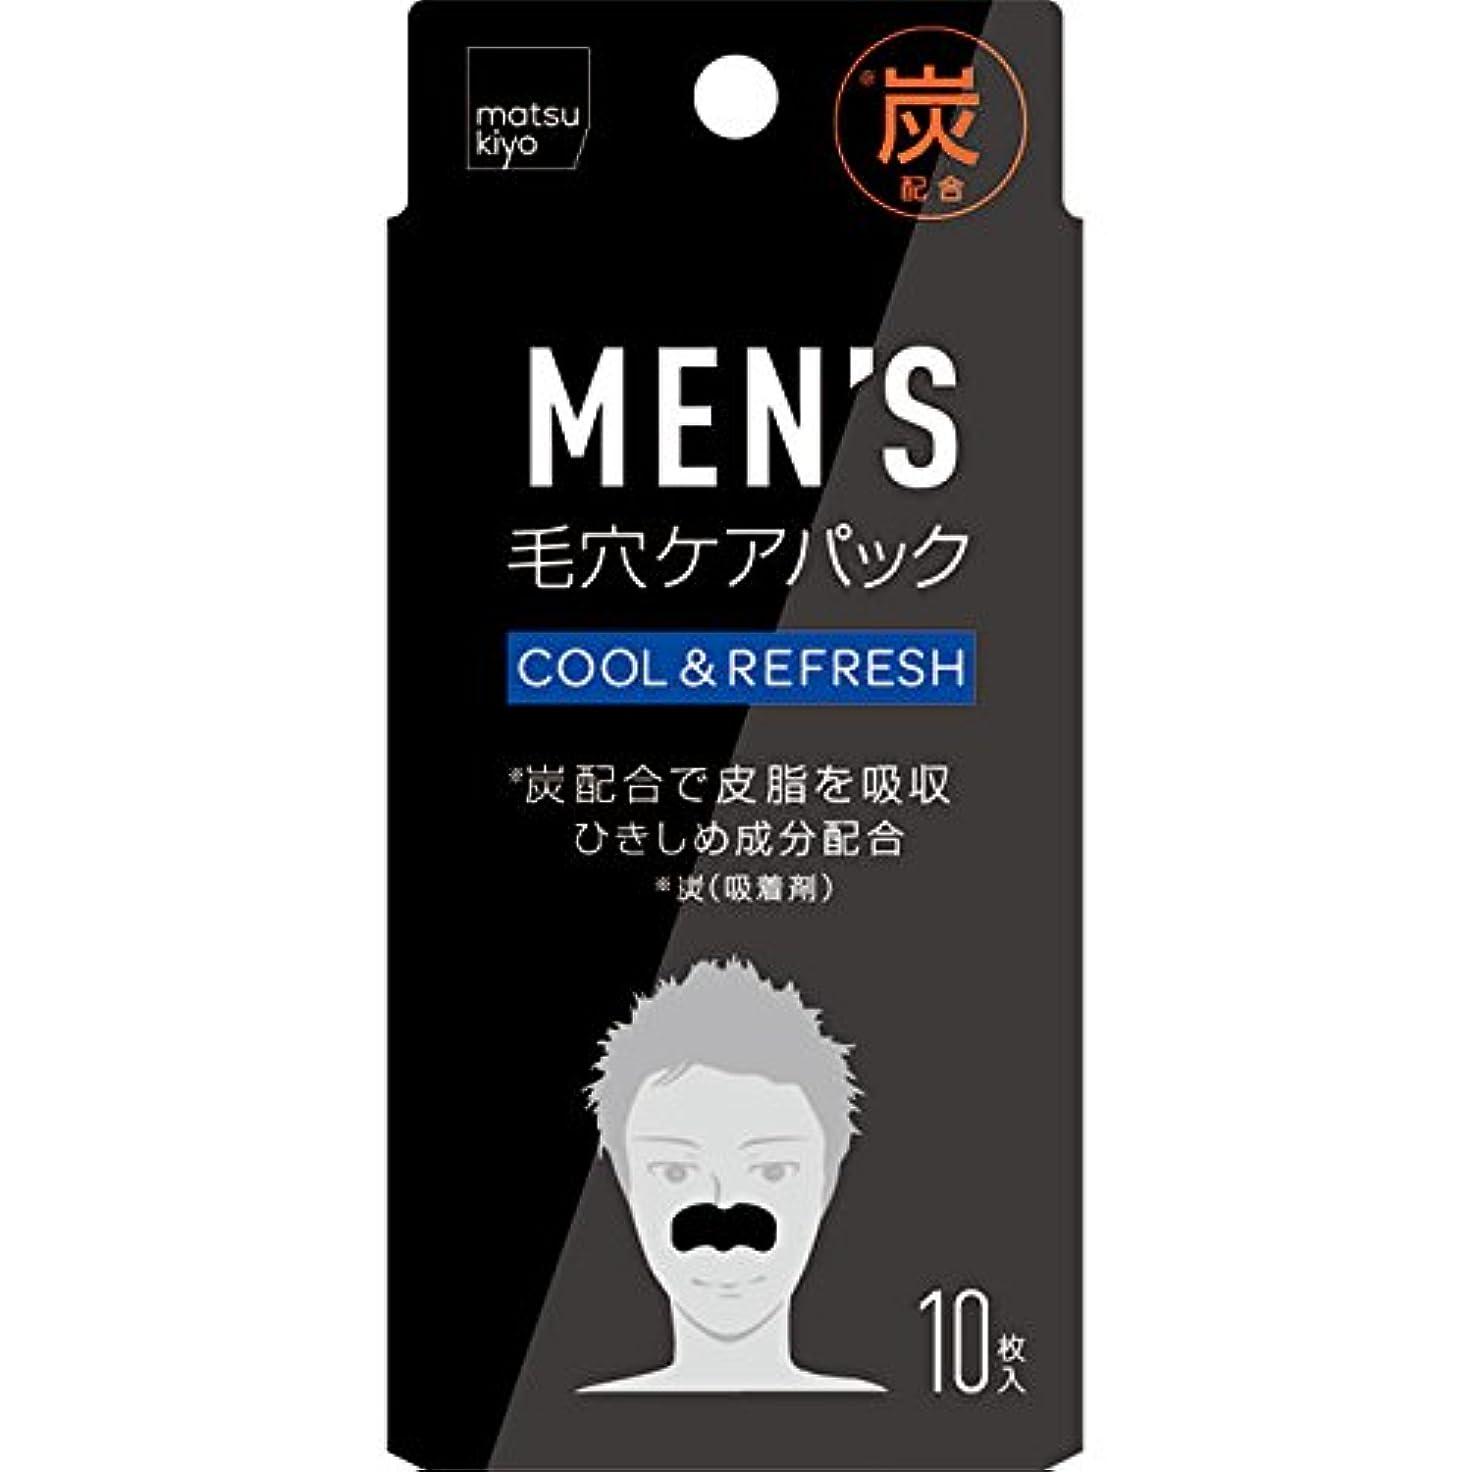 の配列請求オーストラリア人白金製薬 matsukiyo MEN'S毛穴パック炭 10枚入